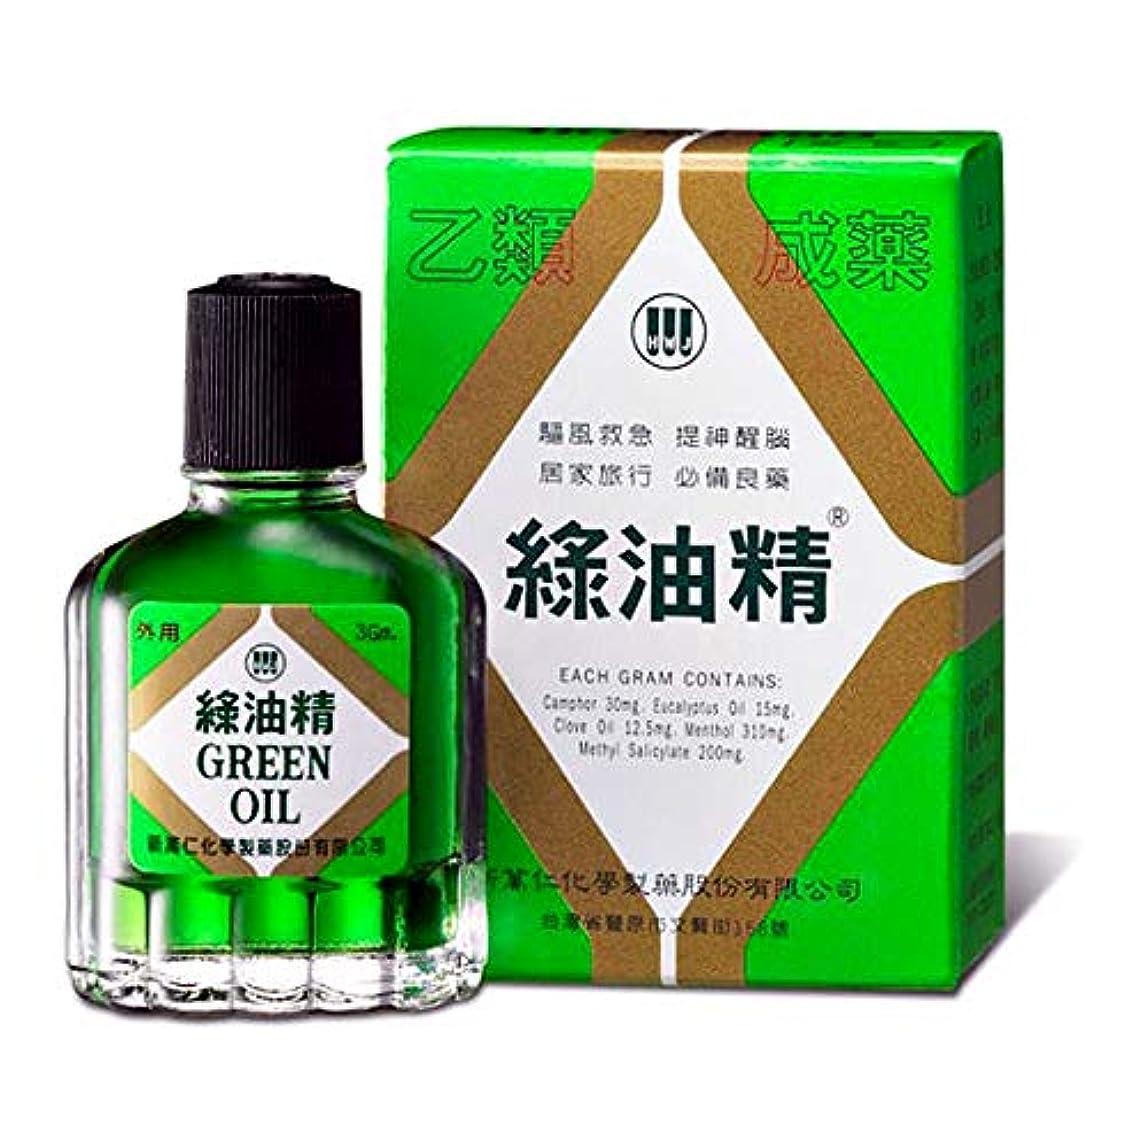 彼らのものスロベニア黒板《新萬仁》台湾の万能グリーンオイル 緑油精 3g 《台湾 お土産》 [並行輸入品]